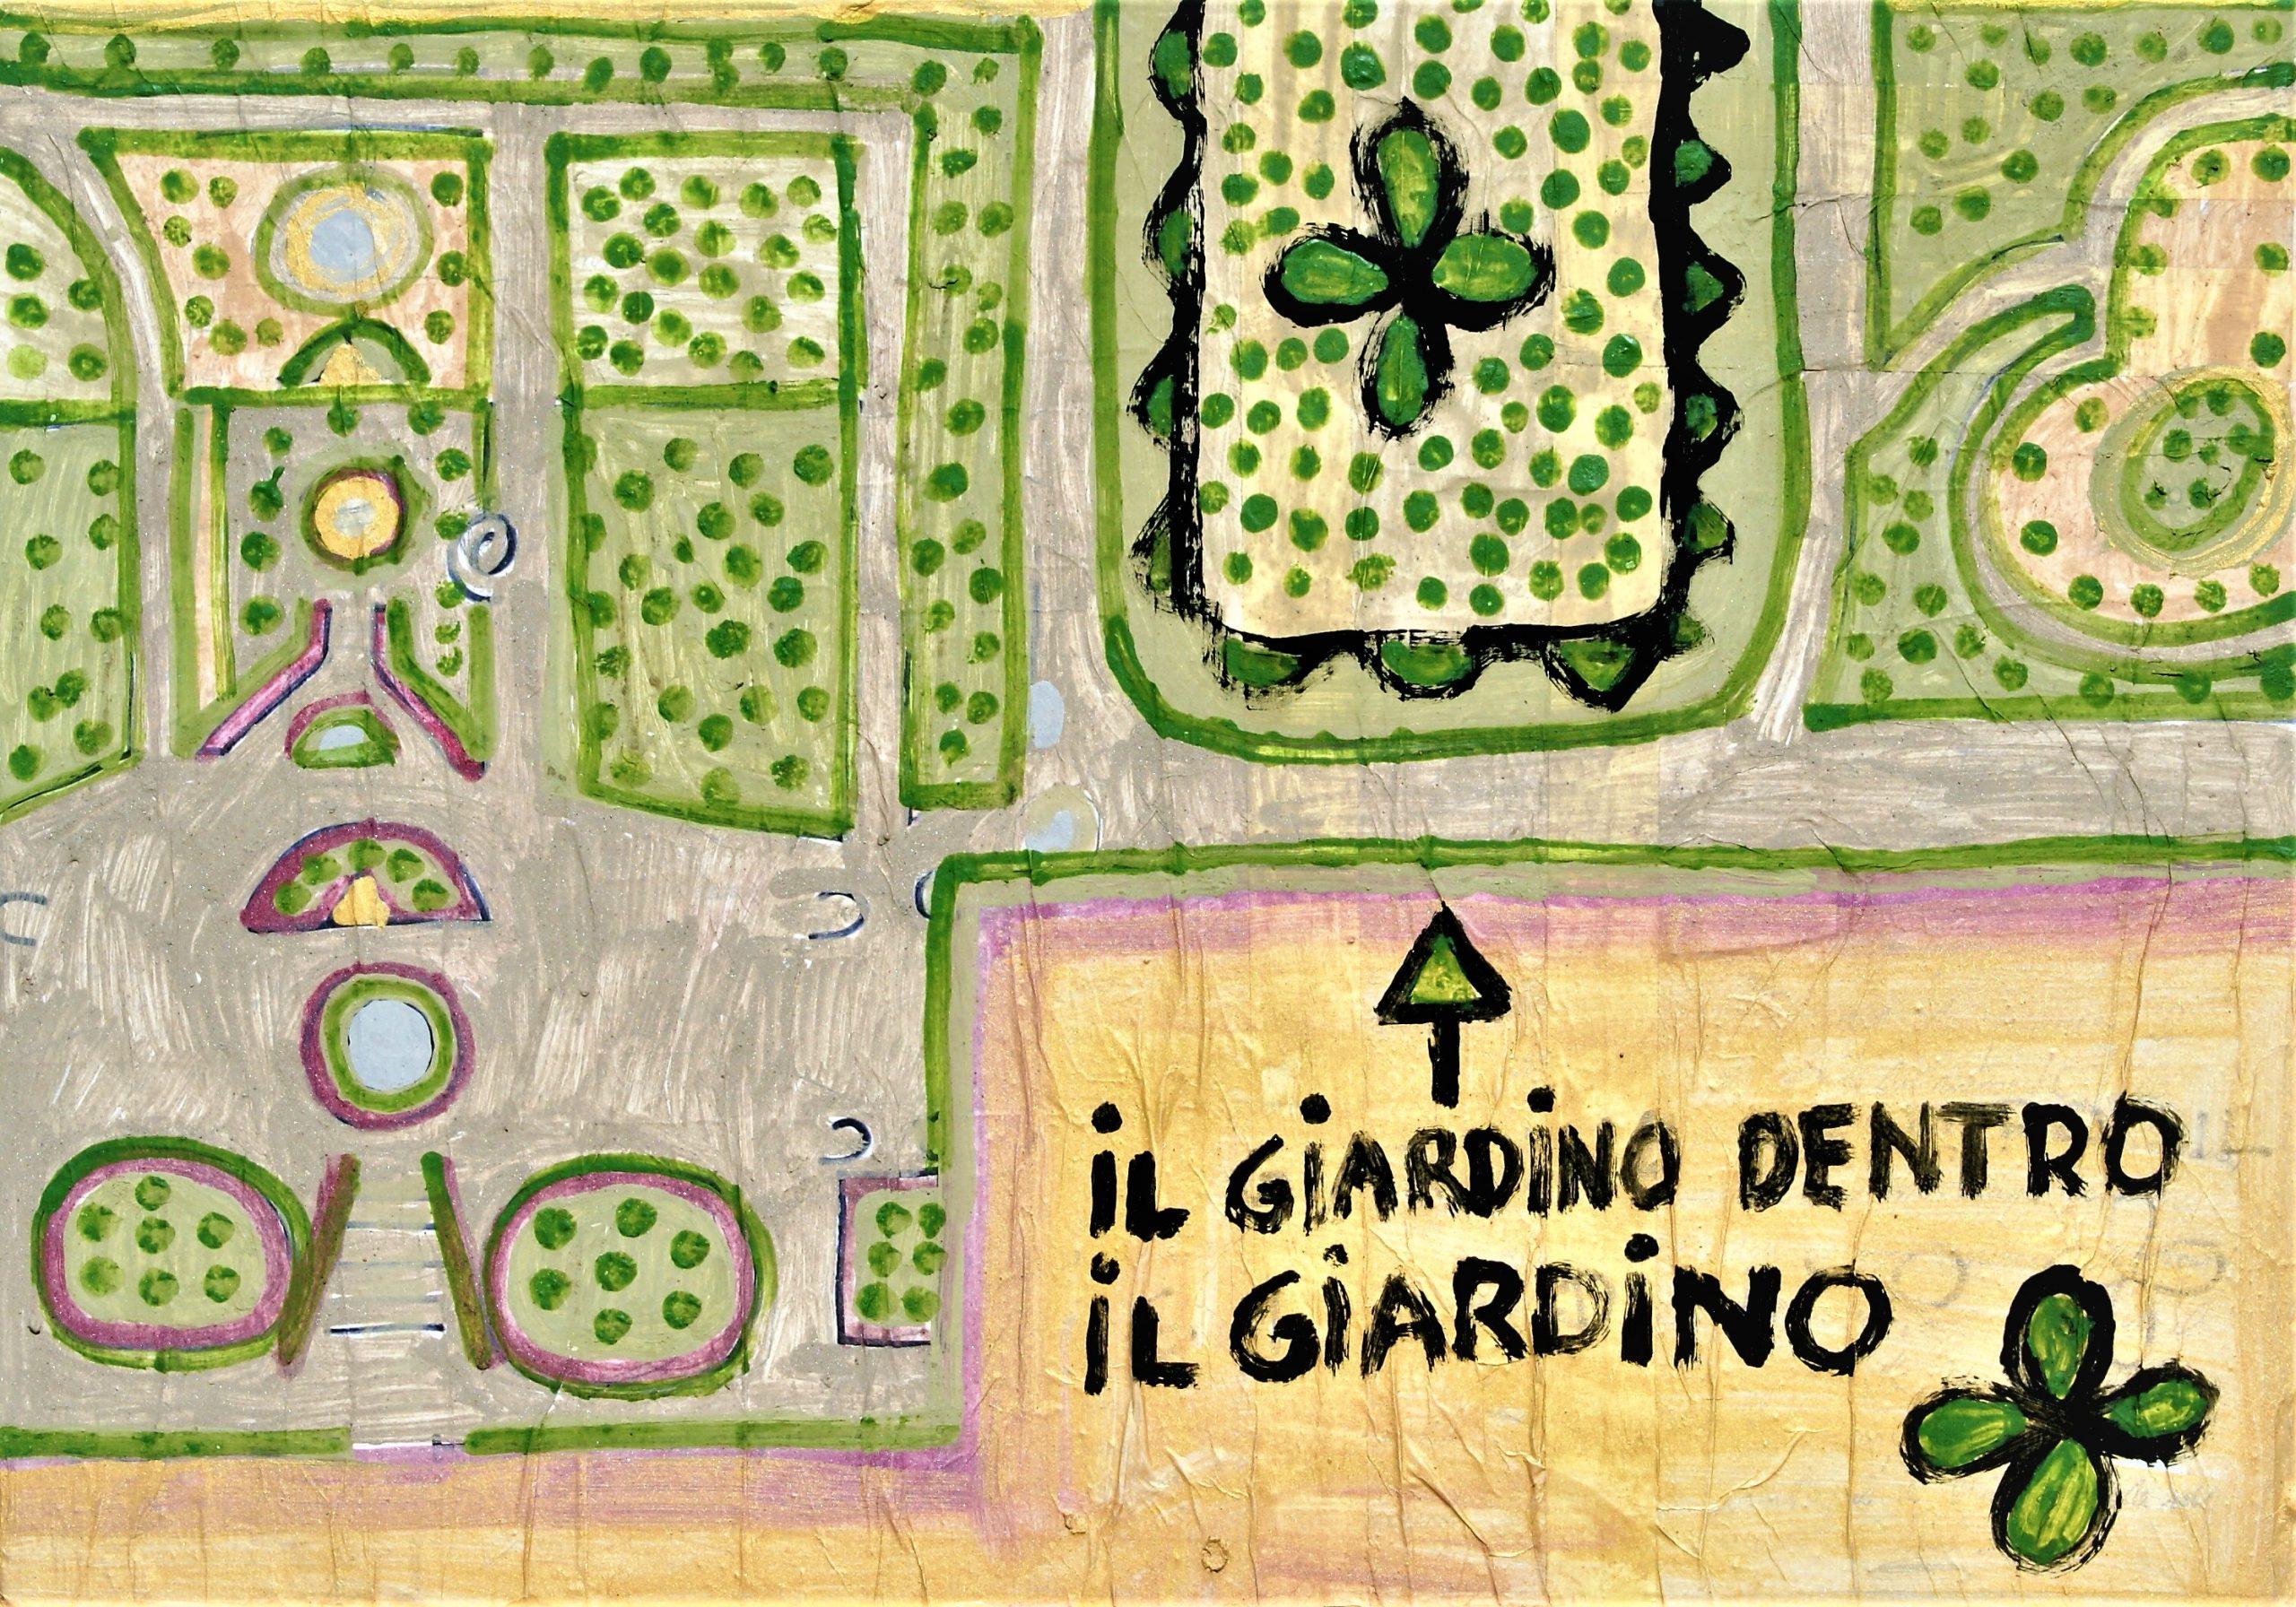 Il giardino dentro il giardino